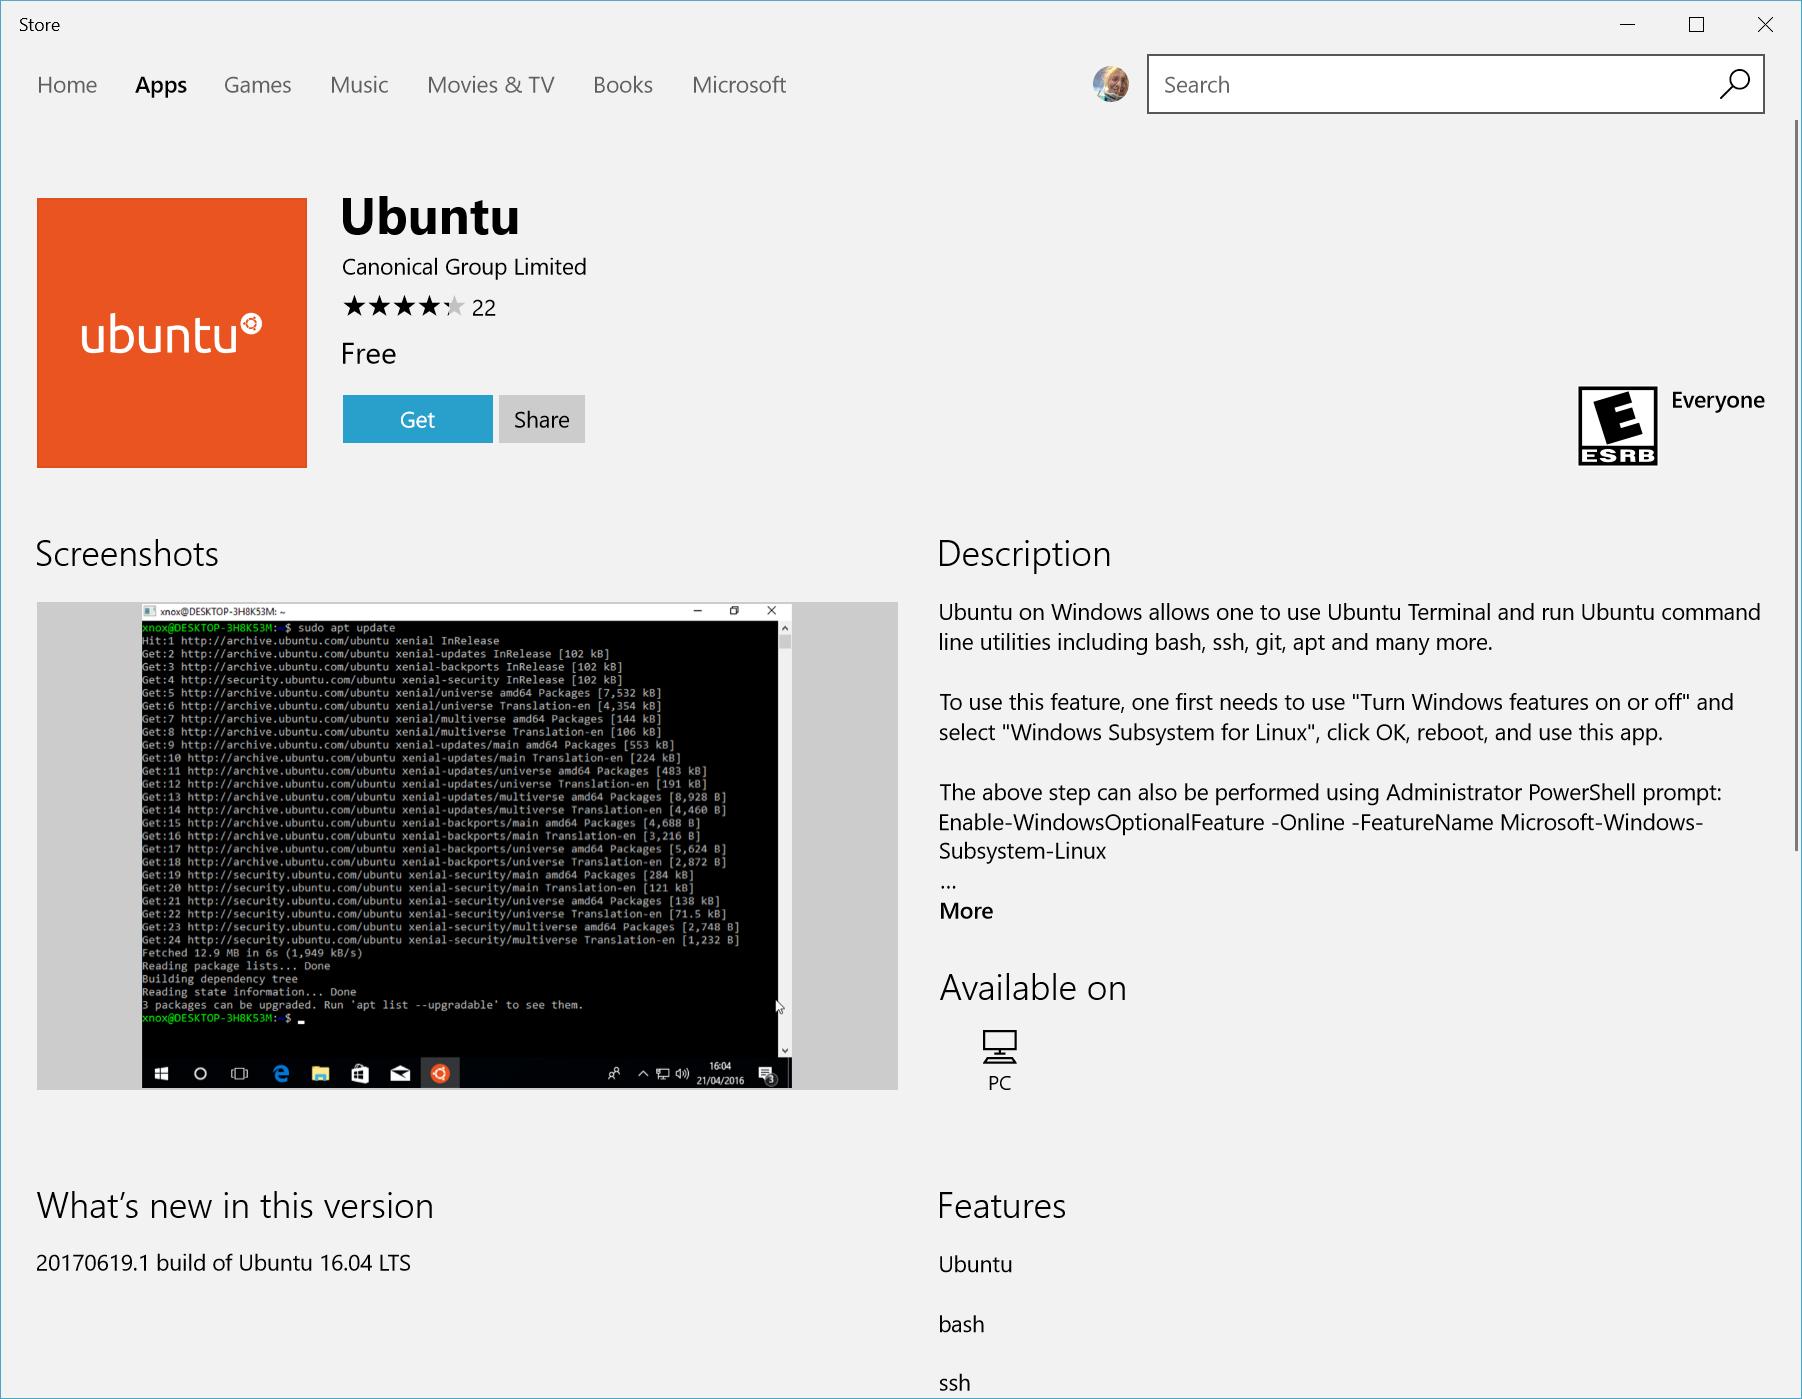 Distribuciones de Linux en MicrosoftStore